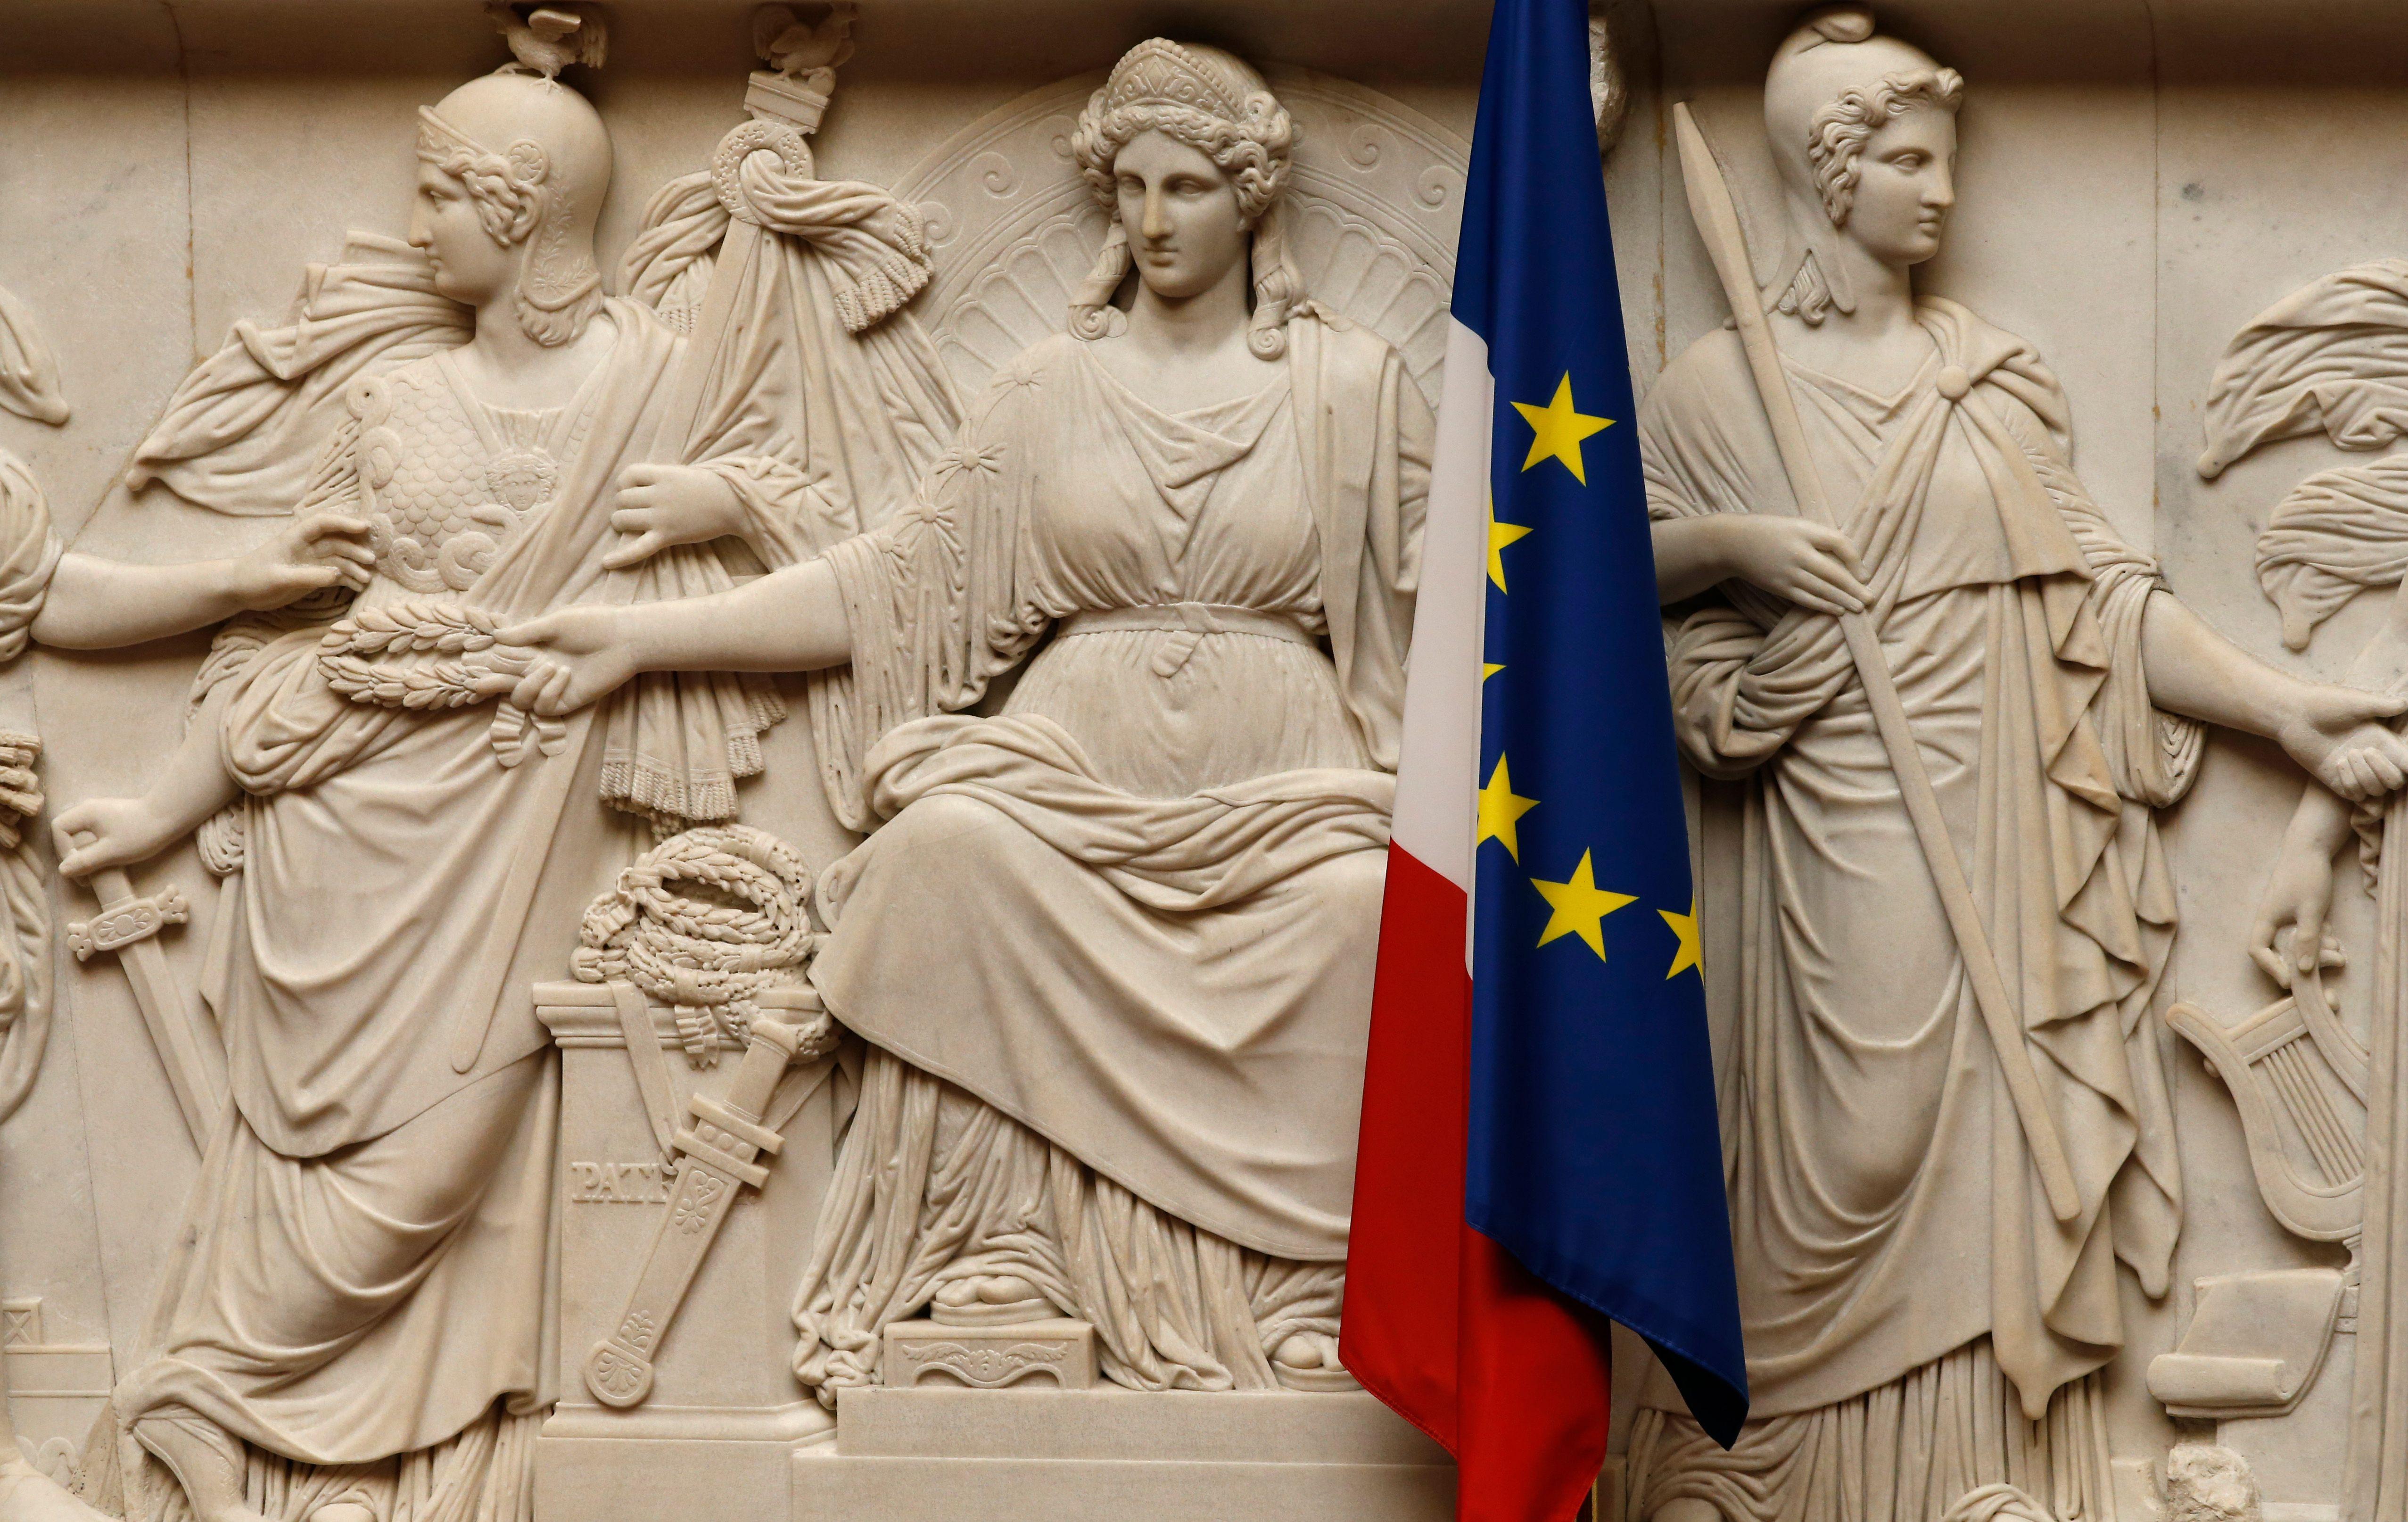 Dégagisme : après le tour des hommes, celui des Institutions ? Analyse des opinions des Français sur les propositions de réformes institutionnelles pendant la campagne